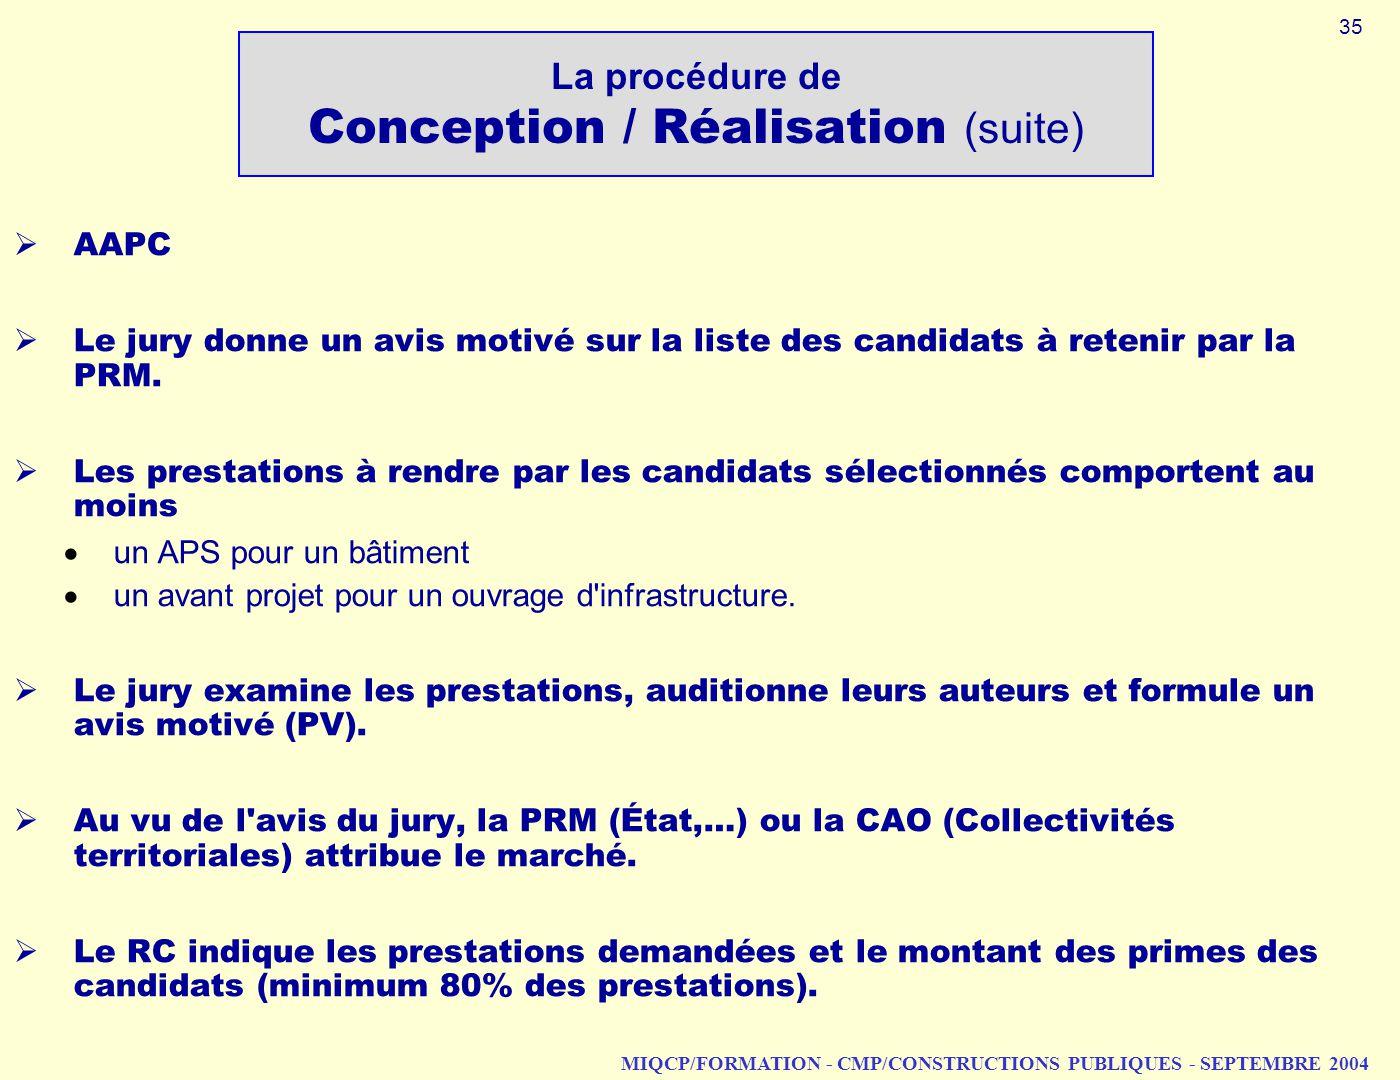 La procédure de Conception / Réalisation (suite)